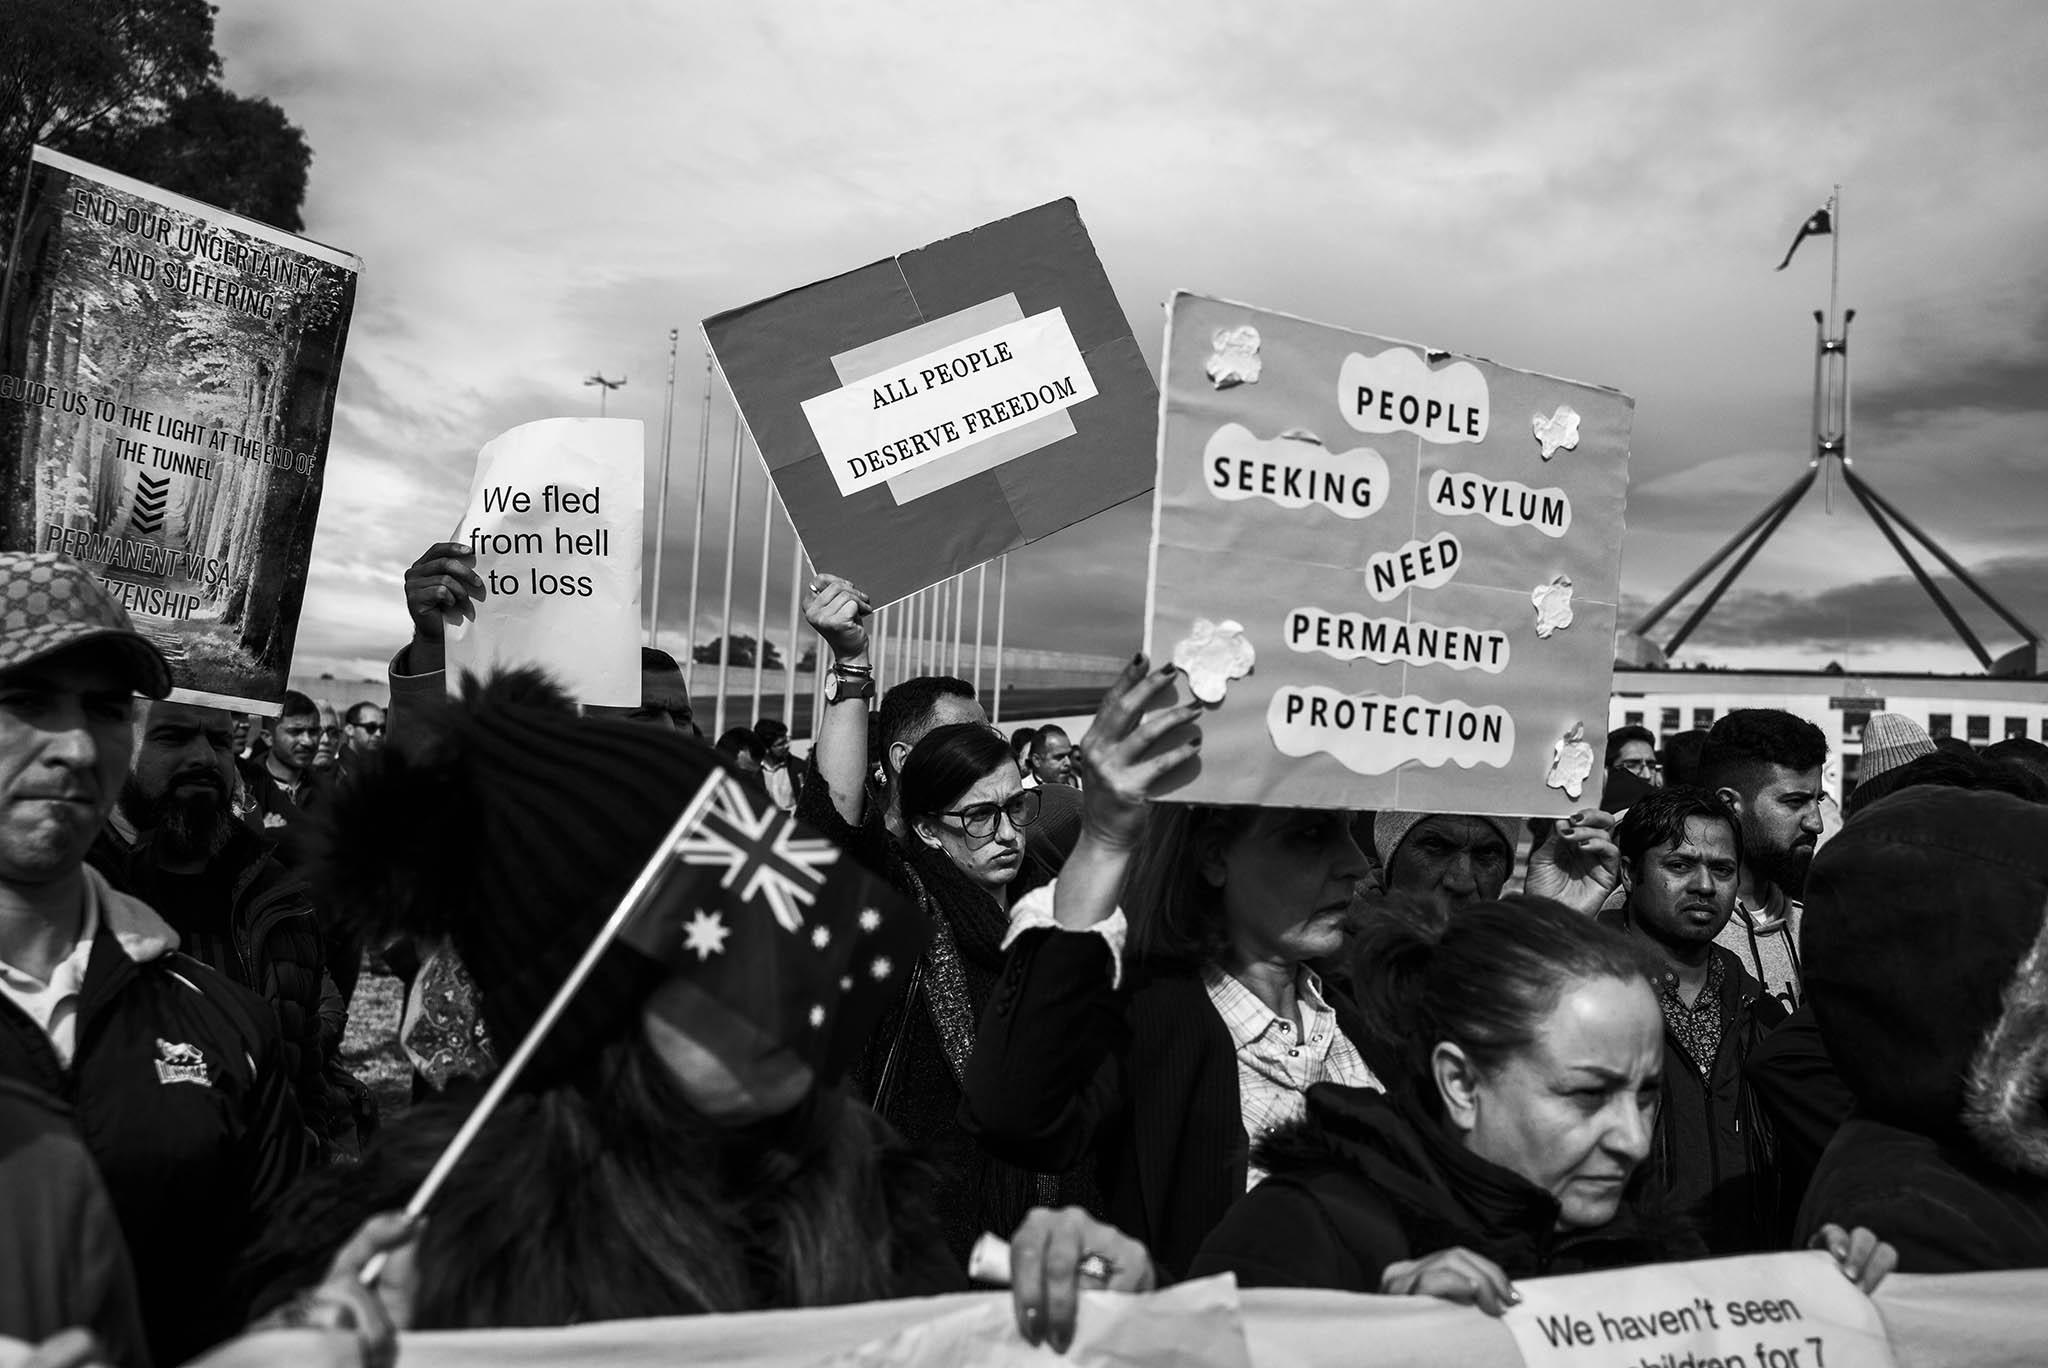 20190729_Refugee_Protest_0594.jpg